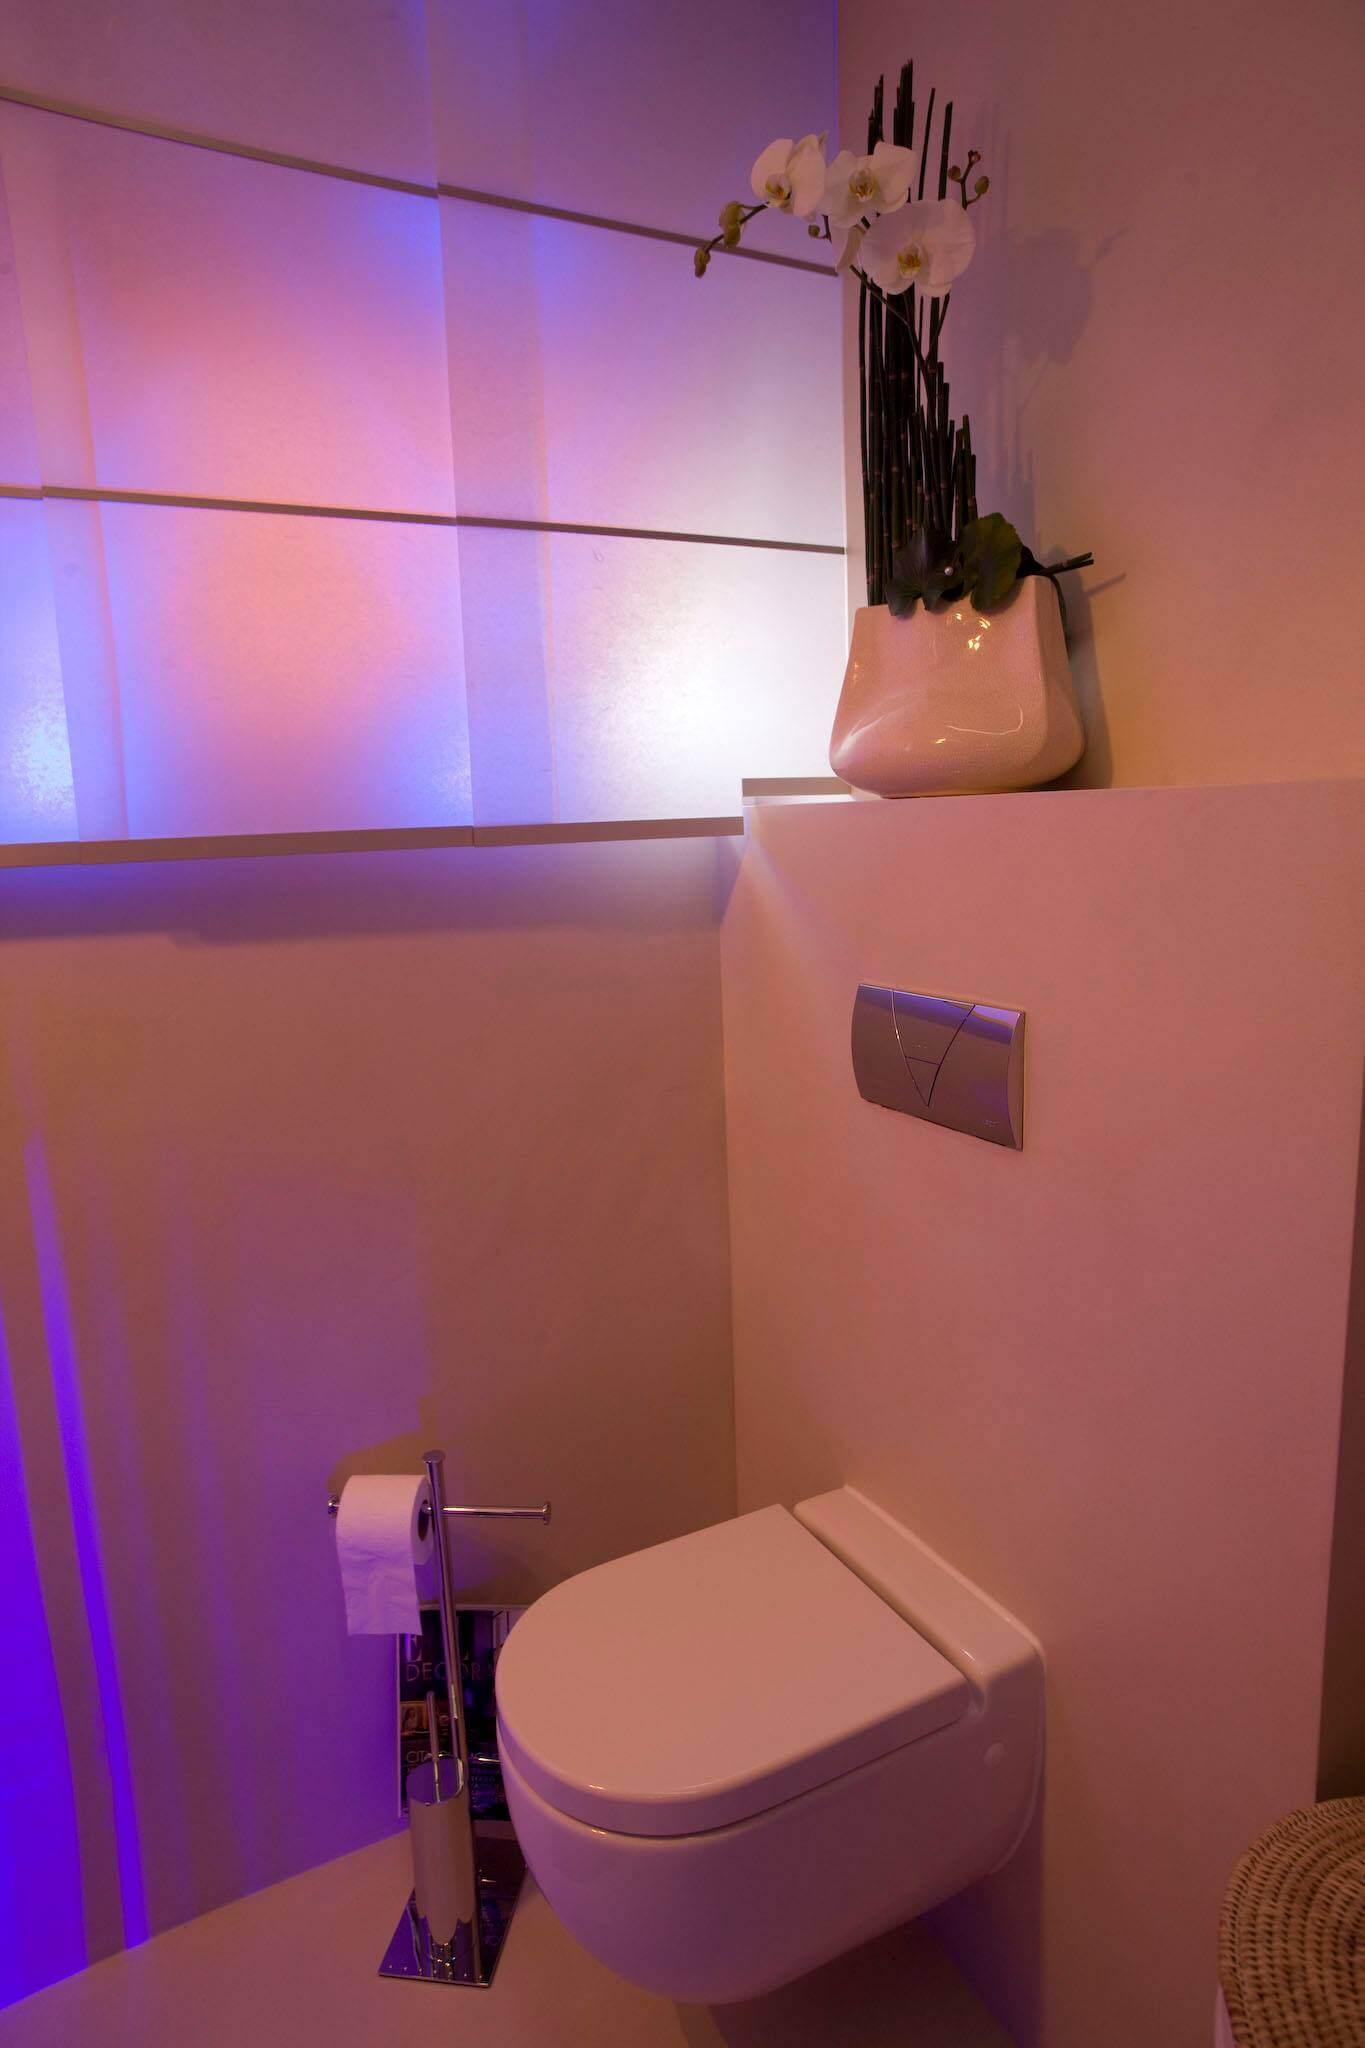 """Dass man aus einem kleinen Gäste Badezimmer sehr viel herausholen kann beweist der """"Schöner Wohnen"""" Designer Torsten Müller in diesem Projekt. Der Ansatz folgte der Idee, den vorhandenen Raum optisch zu vergrößern, weshalb er sich nach eingehender Bedürfniserhebung mit den Bauherren für eine Badsanierung ohne Fliesen entschied. Eine luftige Dusche mit Licht verwandelt das Gäste Badezimmer in eine Wohlfühloase in der eine entspannende Farbtherapie am Programm steht. Harmonie pur – Badezimmer fugenlos gestalten Stimmungsvolle Lichtszenarien im Badezimmer"""